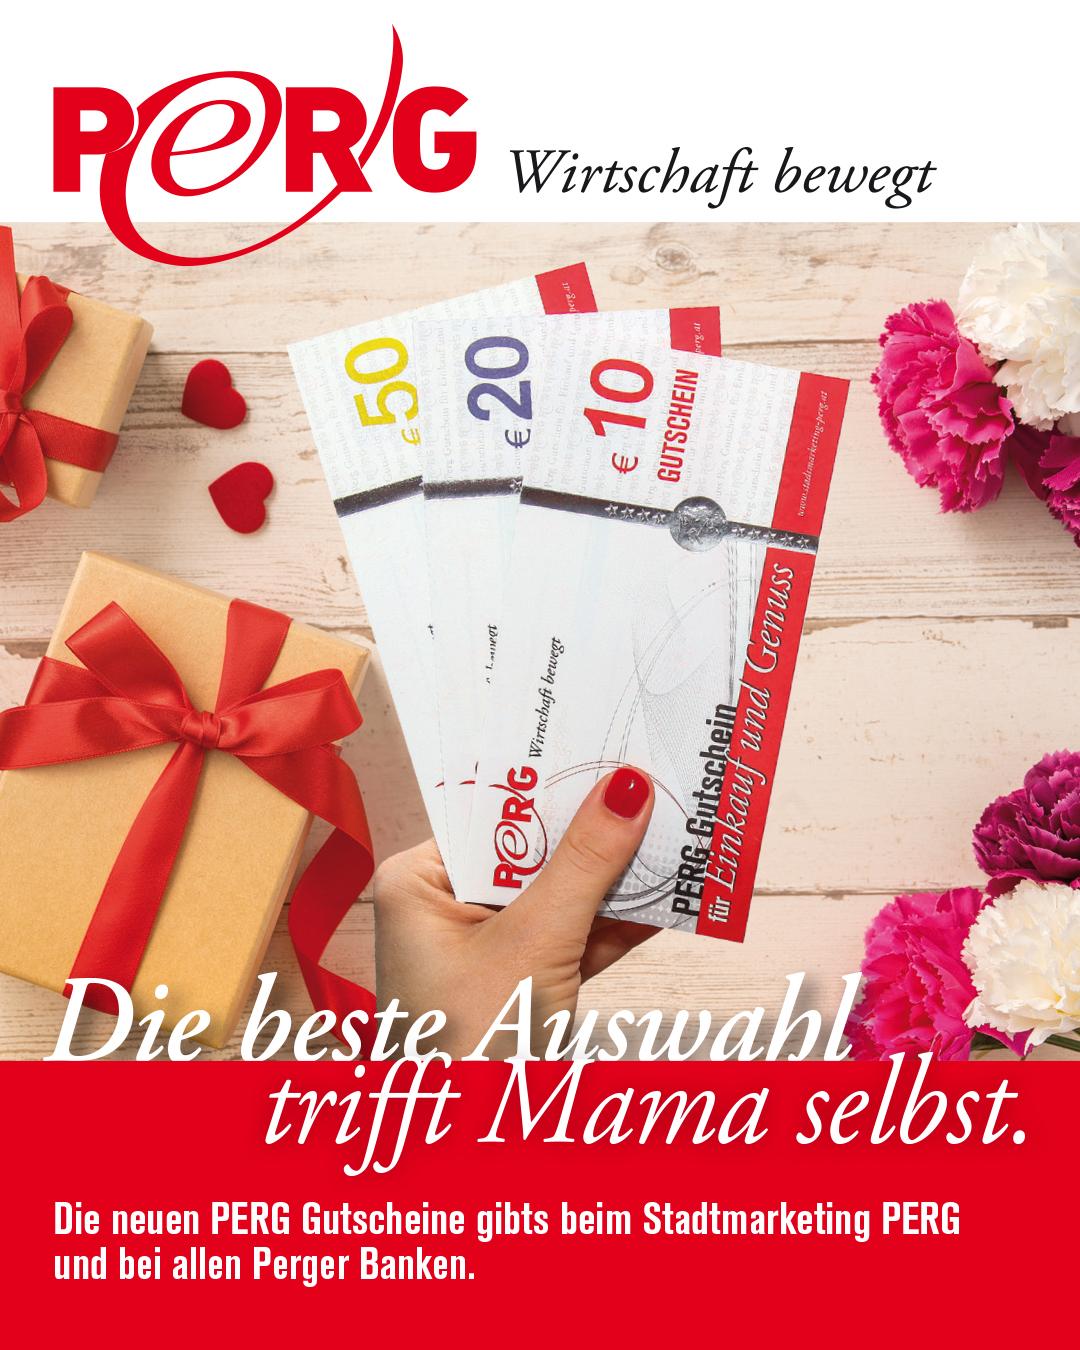 Geschenk für Muttertag_PERG-Gutschein